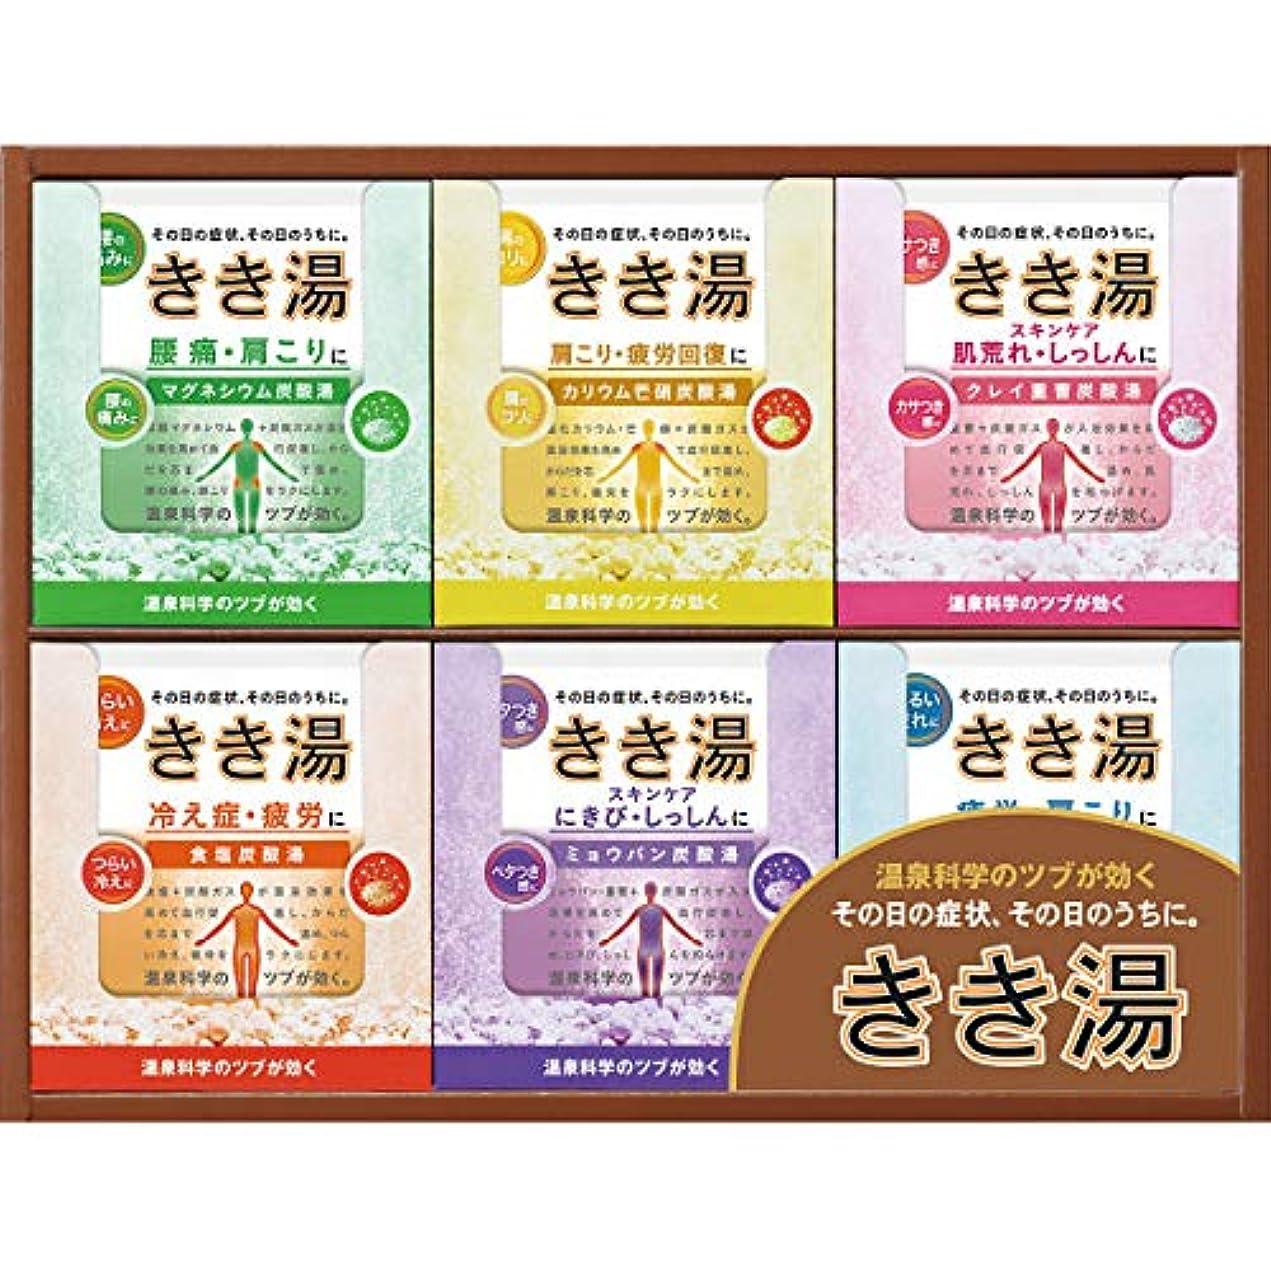 ステンレス刈る浸食【ギフトセット】 きき湯オリジナルギフトセット KKY-15C